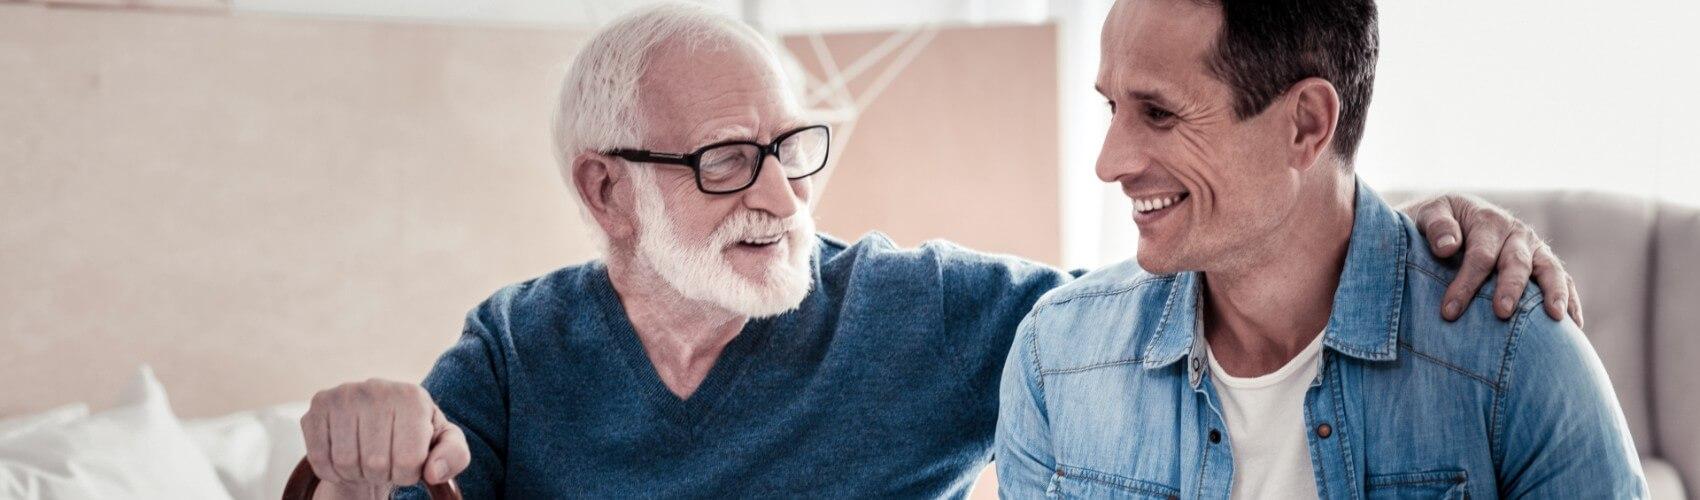 Die FinanzSchneiderei hilft Ihnen dabei die passende Altervorsorge für Ihre Bedürfnisse zu finden - egal ob Sie Ihr geld in Fonds stecken möchten oder eine Riester-rente abschließen möchten